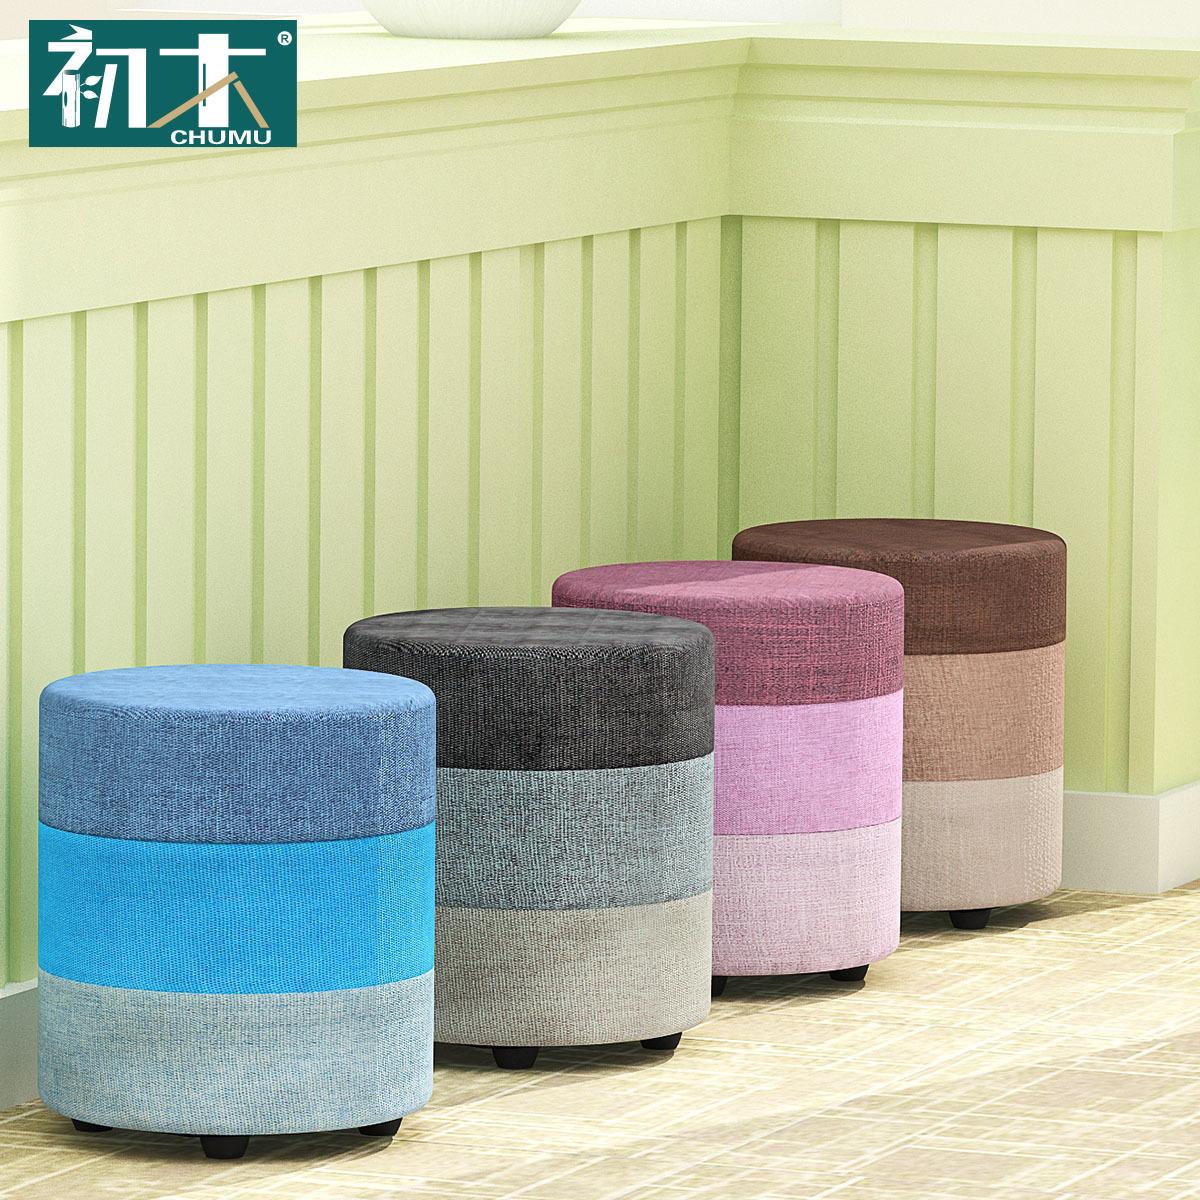 Gỗ sớm giày gỗ rắn băng ghế dự bị thời trang giày băng ghế dự bị phân đơn giản phân nhỏ trang điểm phân vải nhỏ gối sofa phân